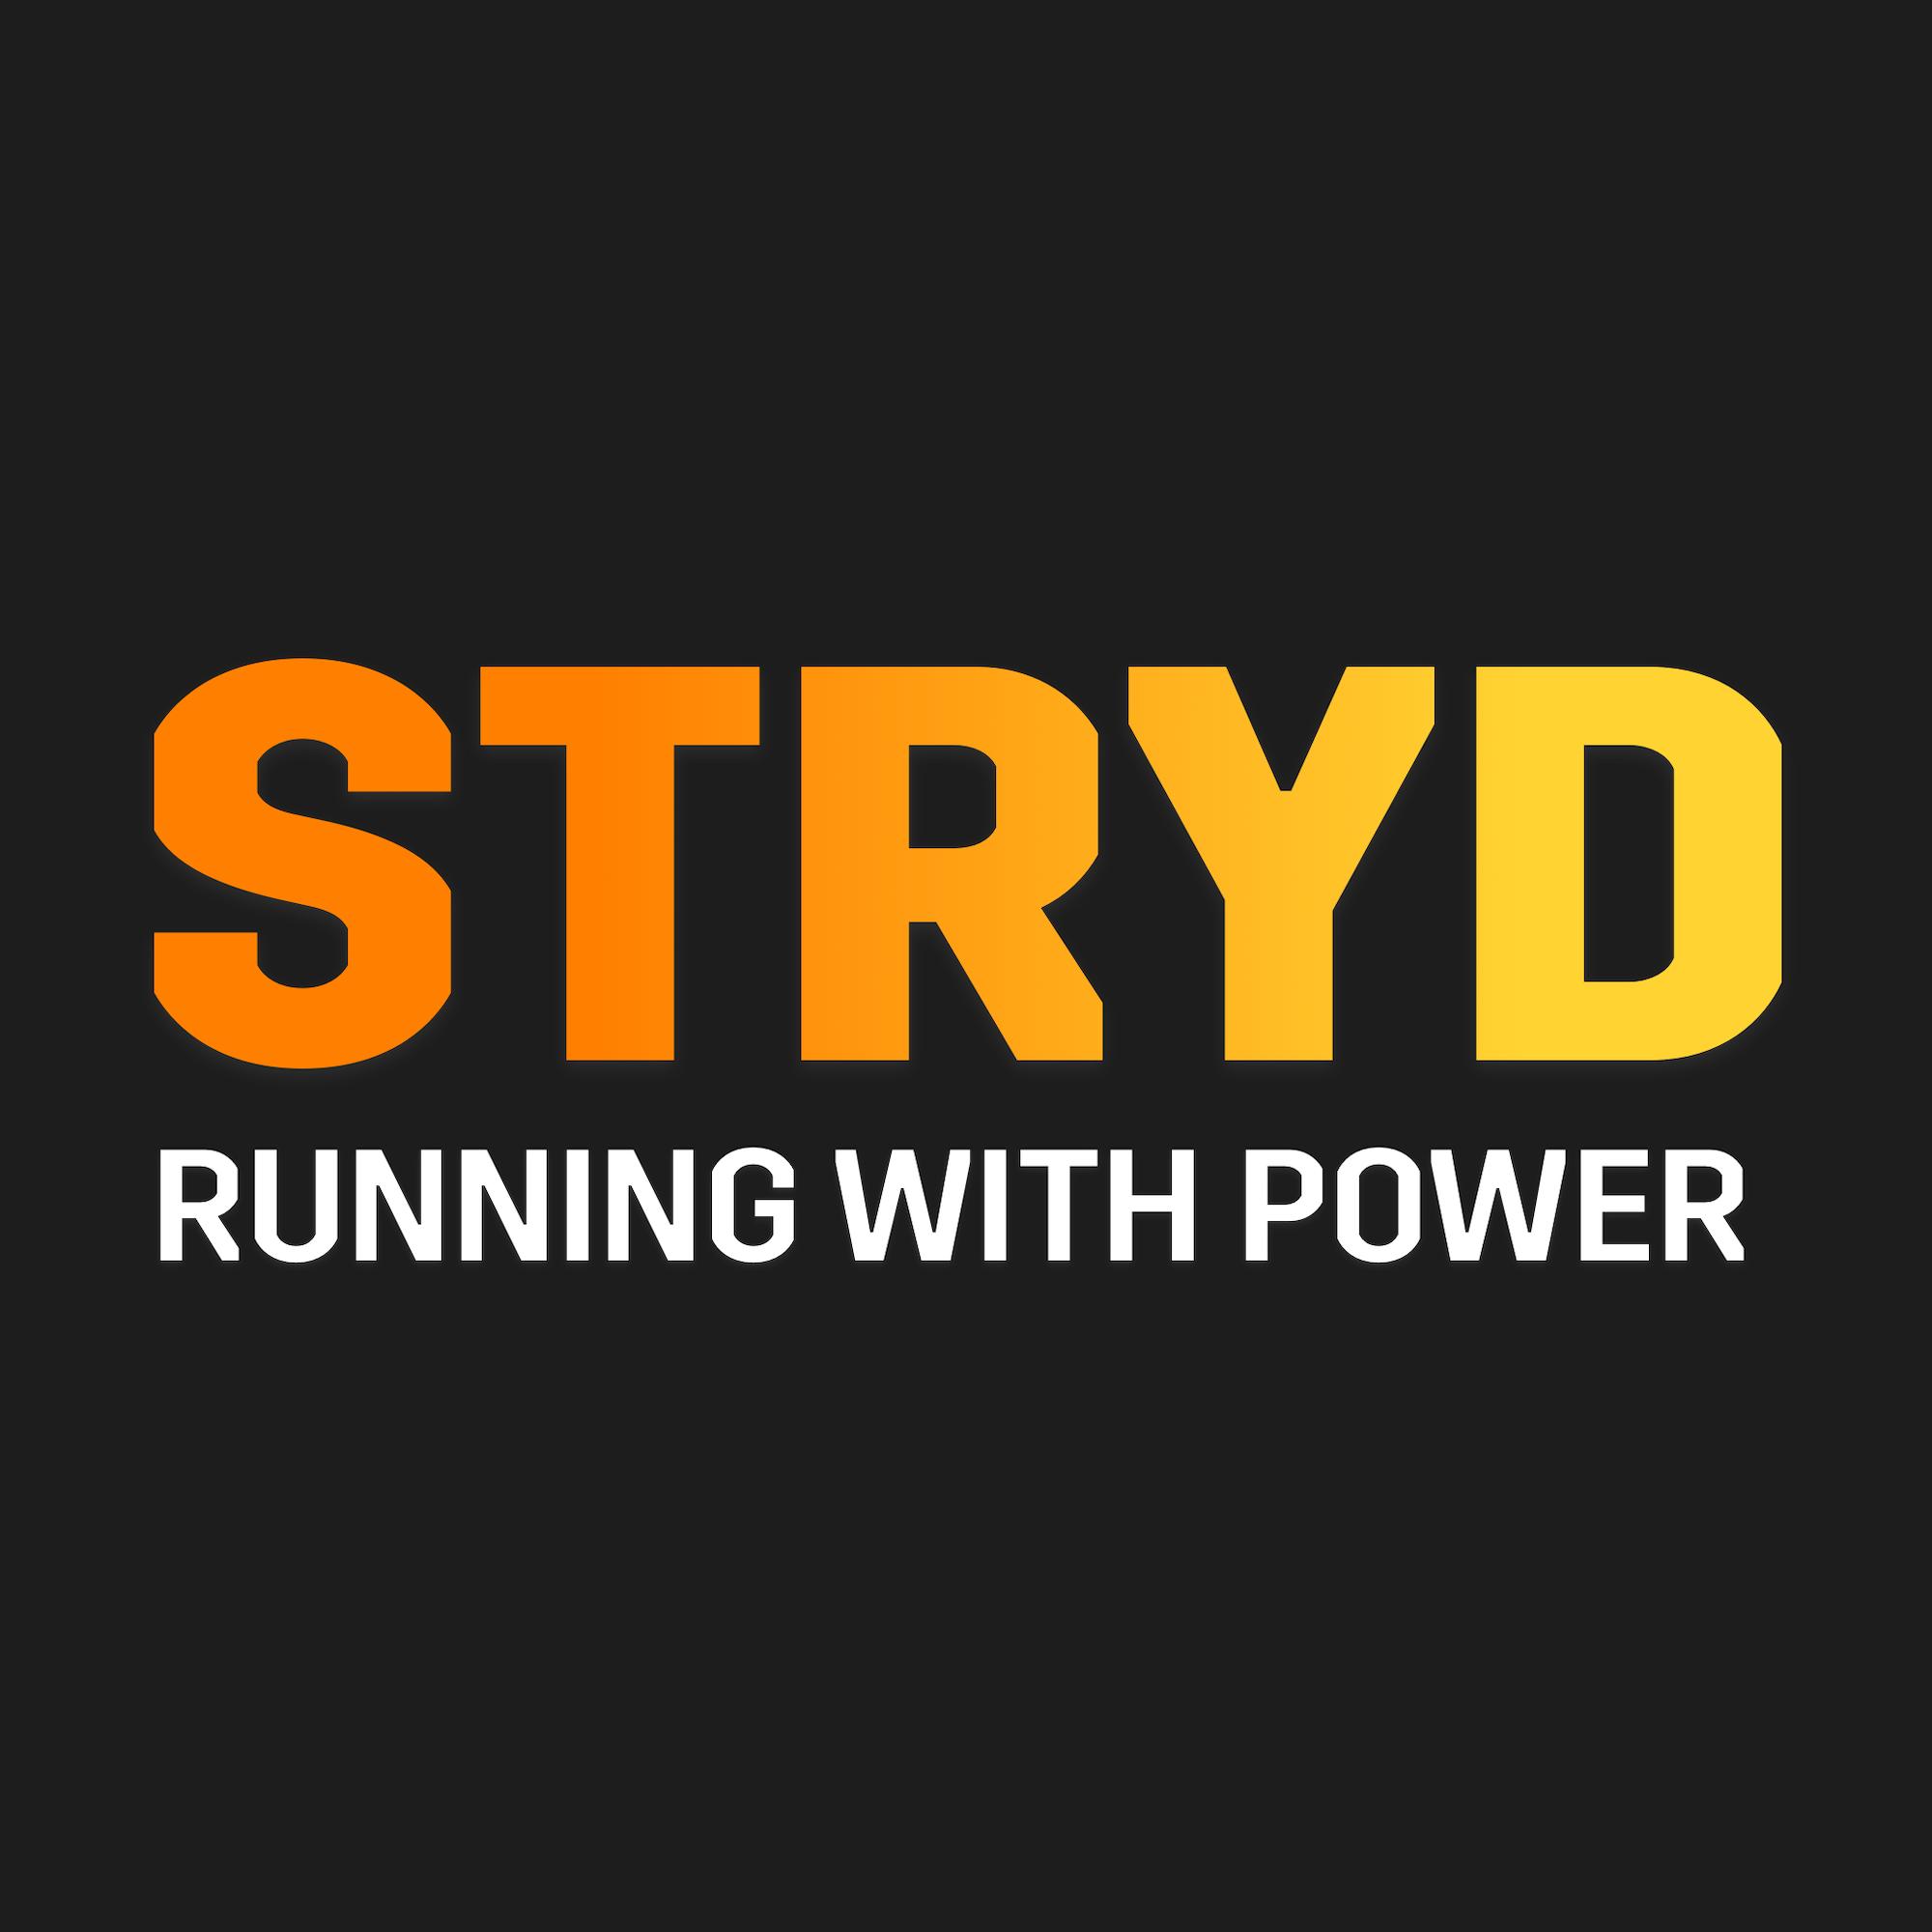 stryd.com